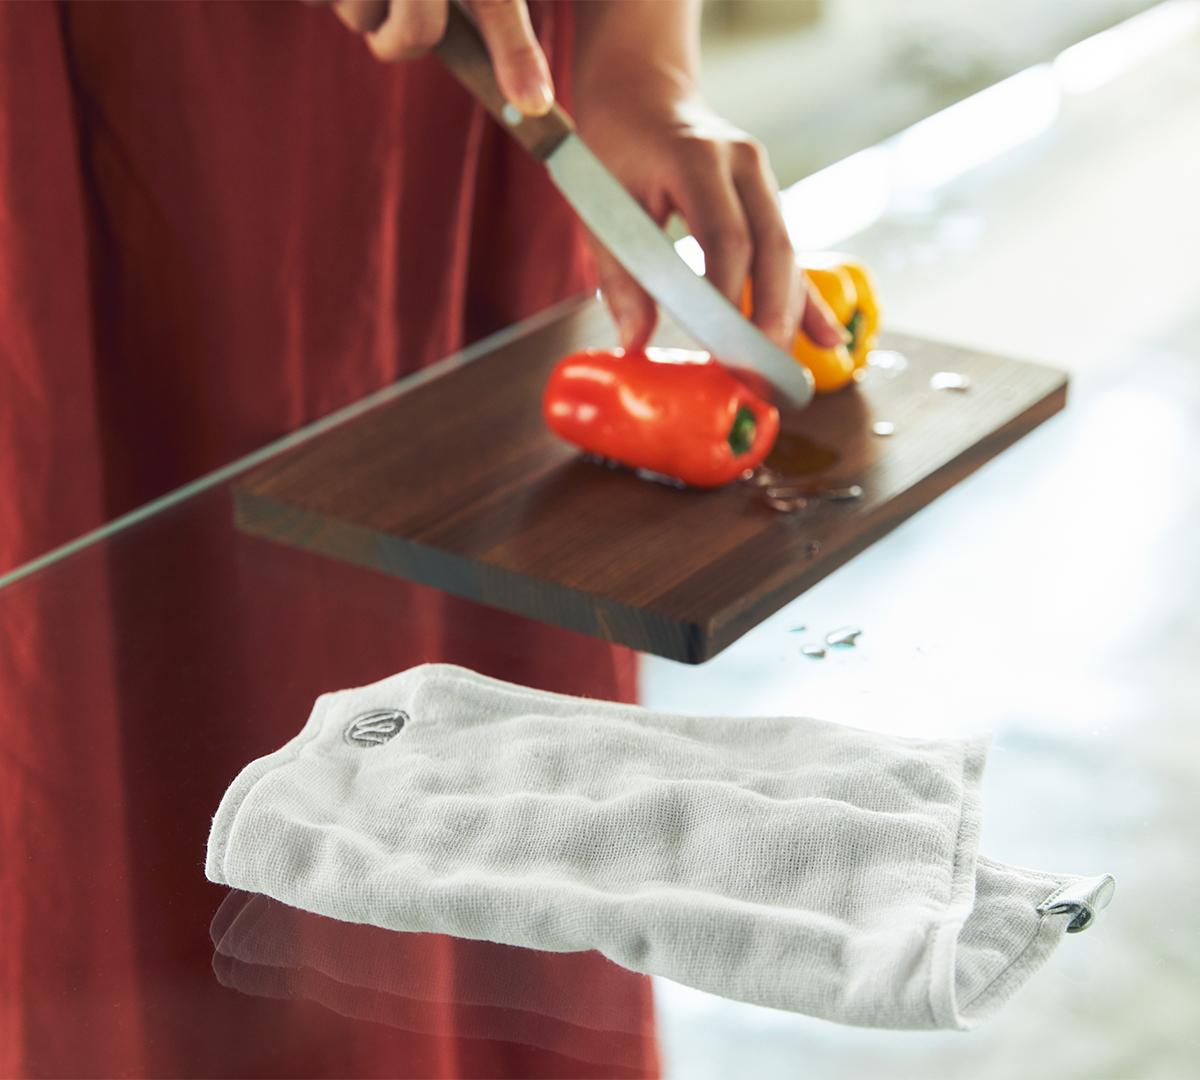 速く乾いてニオイがつきにくい台ふきん(キッチンワイプ・台所ふきん)|酸化チタンと銀の作用で、生乾き臭・汗臭の菌を除去する「タオル」|WARP